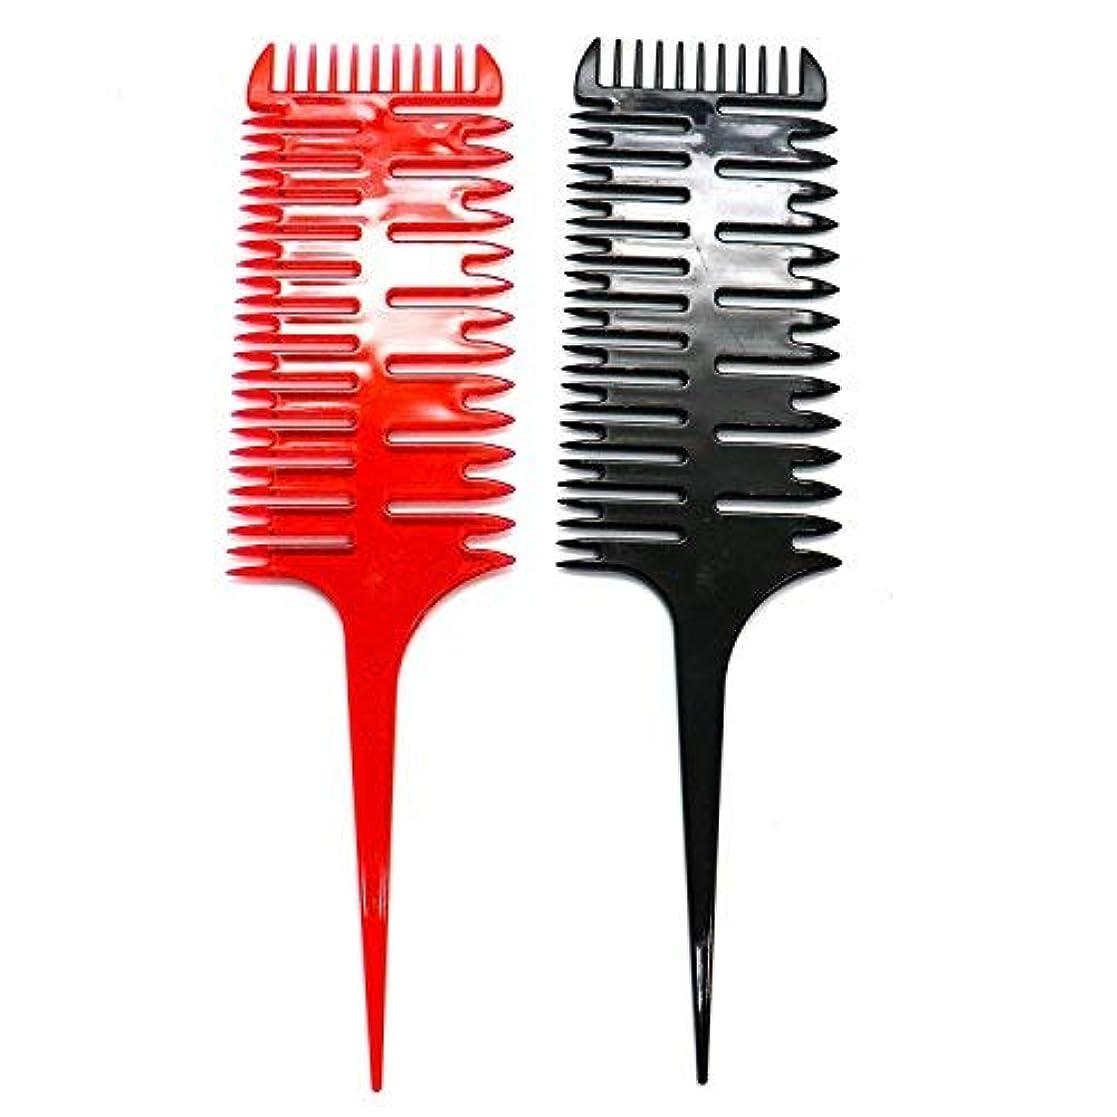 に実行する市区町村HUELE 2 Pcs Professional 3-Way Hair Combs Weaving & Sectioning Foiling Comb for Hair Black+Red [並行輸入品]